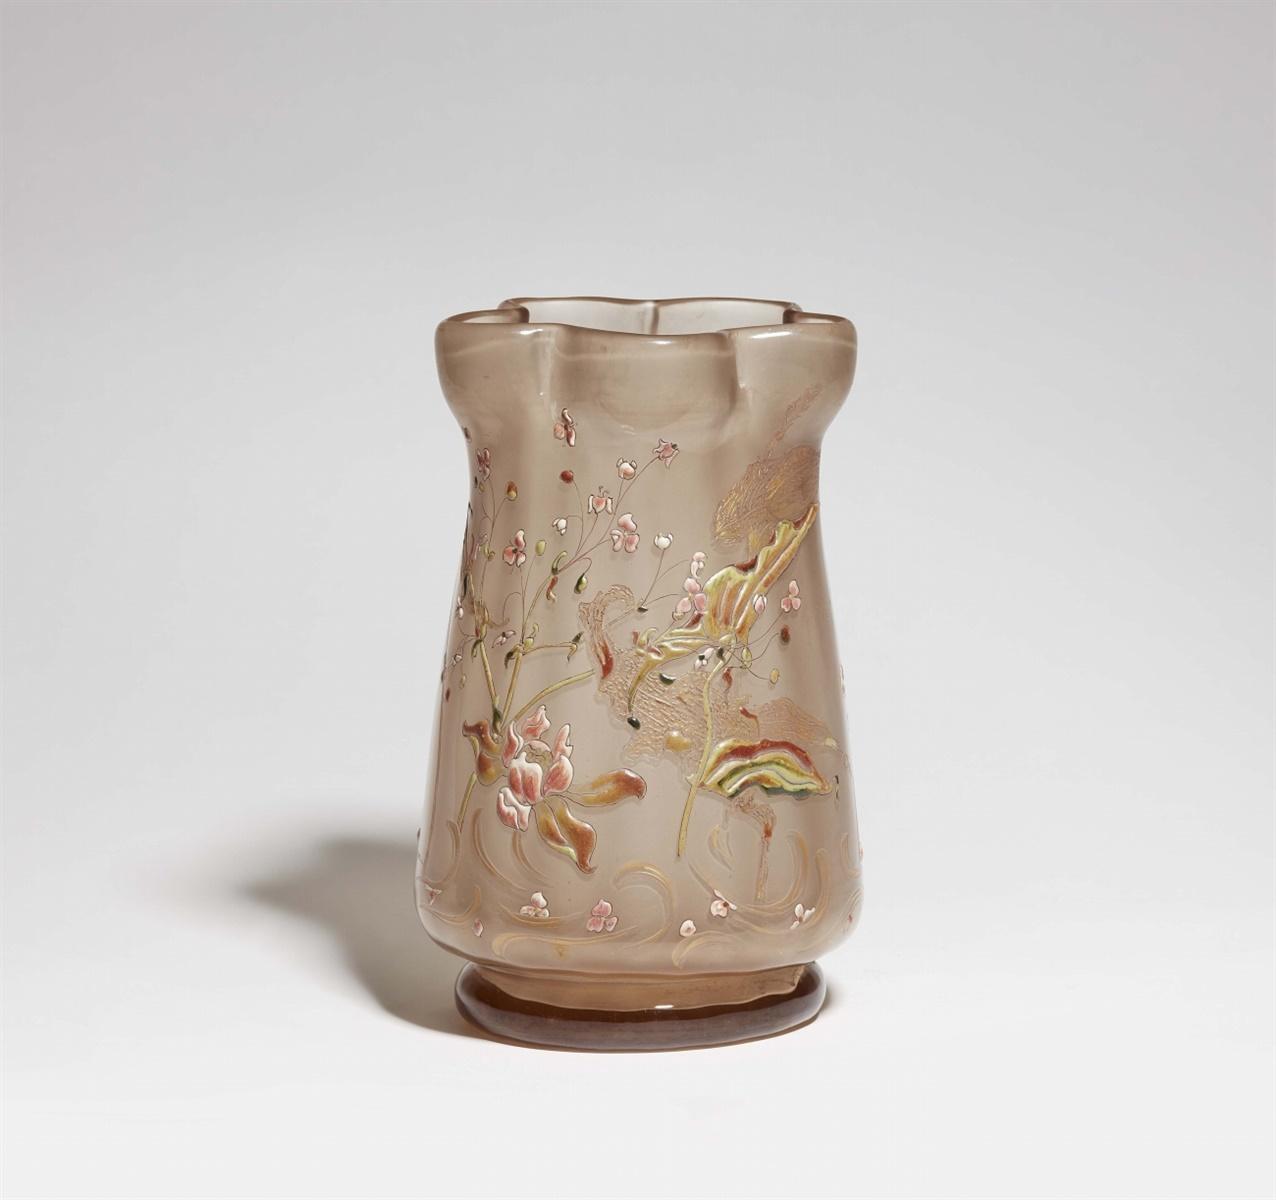 Lot 14 - Bedeutende Vase mit SumpfpflanzenRauchfarbenes, innen mattes Glas mit patinierter und vergoldeter